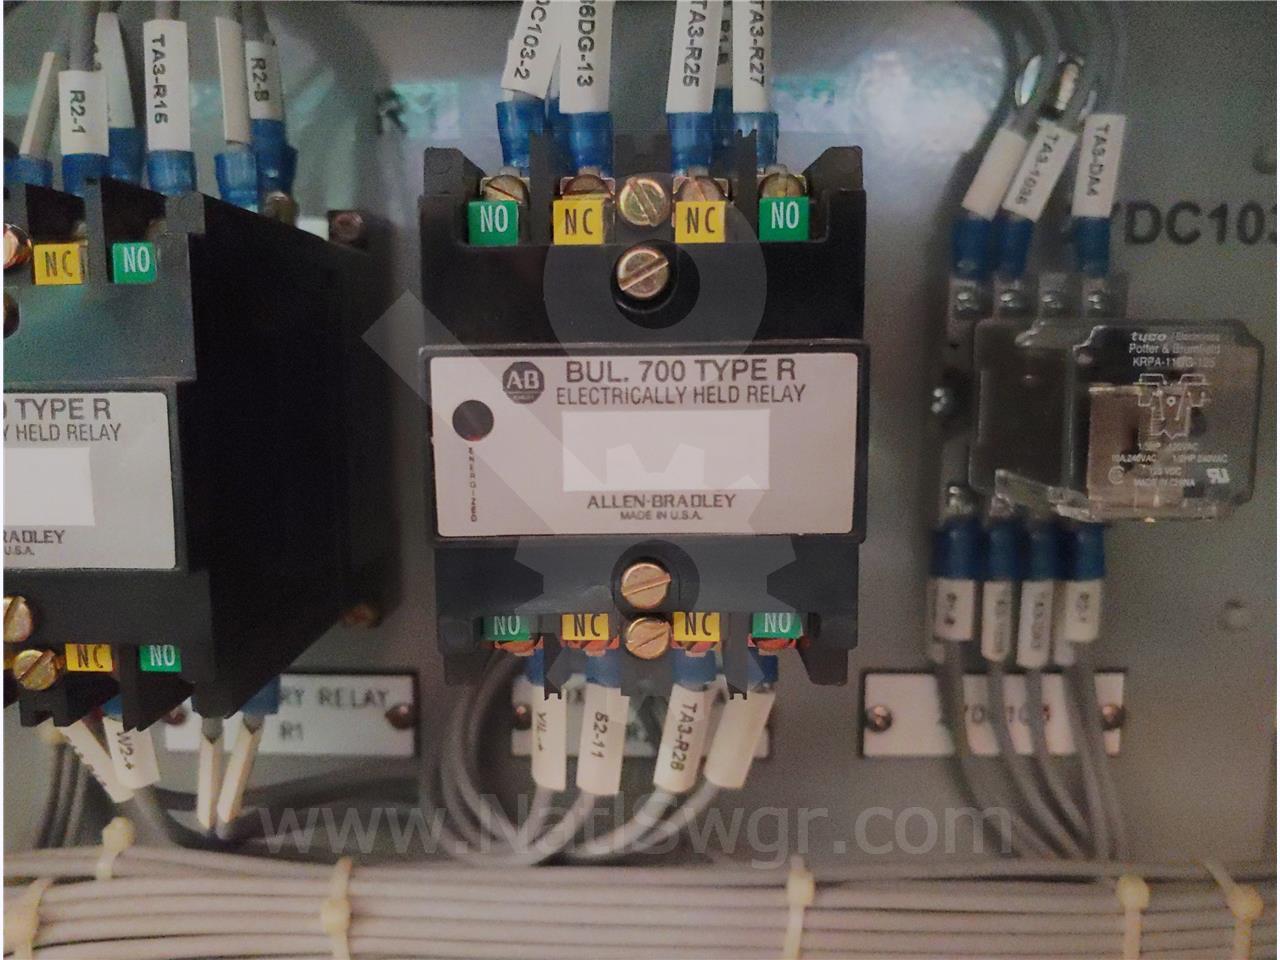 700DC-R440Z1 ALLEN BRADLEY 125VDC BULLETIN 700 TYPE R SEALED CONTROL RELAY UNUSED SURPLUS SERIES B, ELECTRICALLY HELD